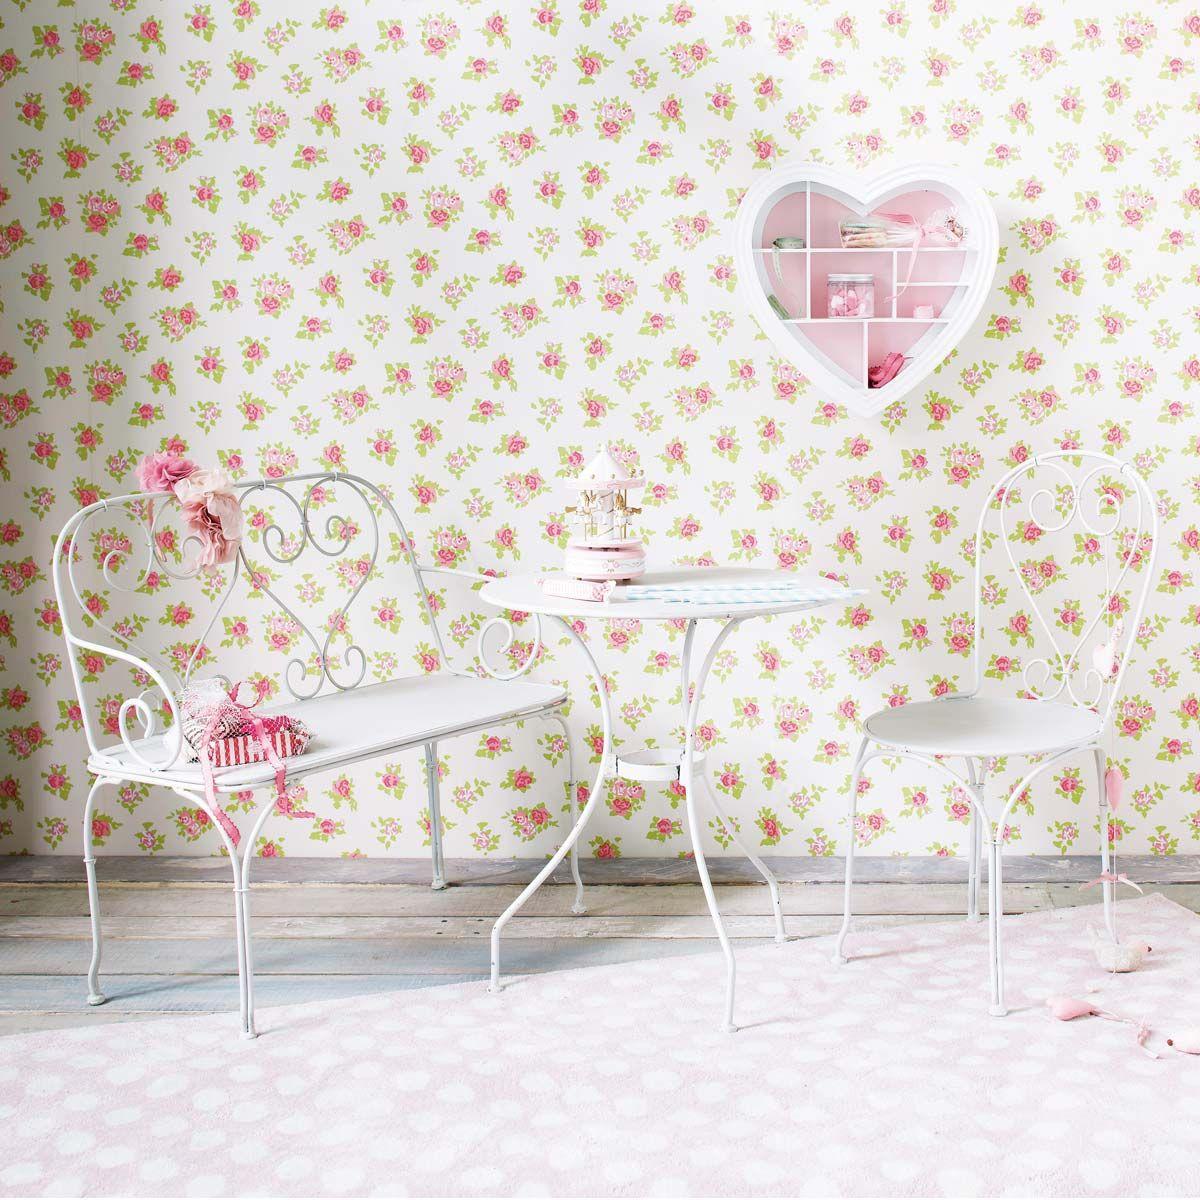 banquette de jardin enfant fer forg ivoire saint germain d co inspiration pinterest fer. Black Bedroom Furniture Sets. Home Design Ideas